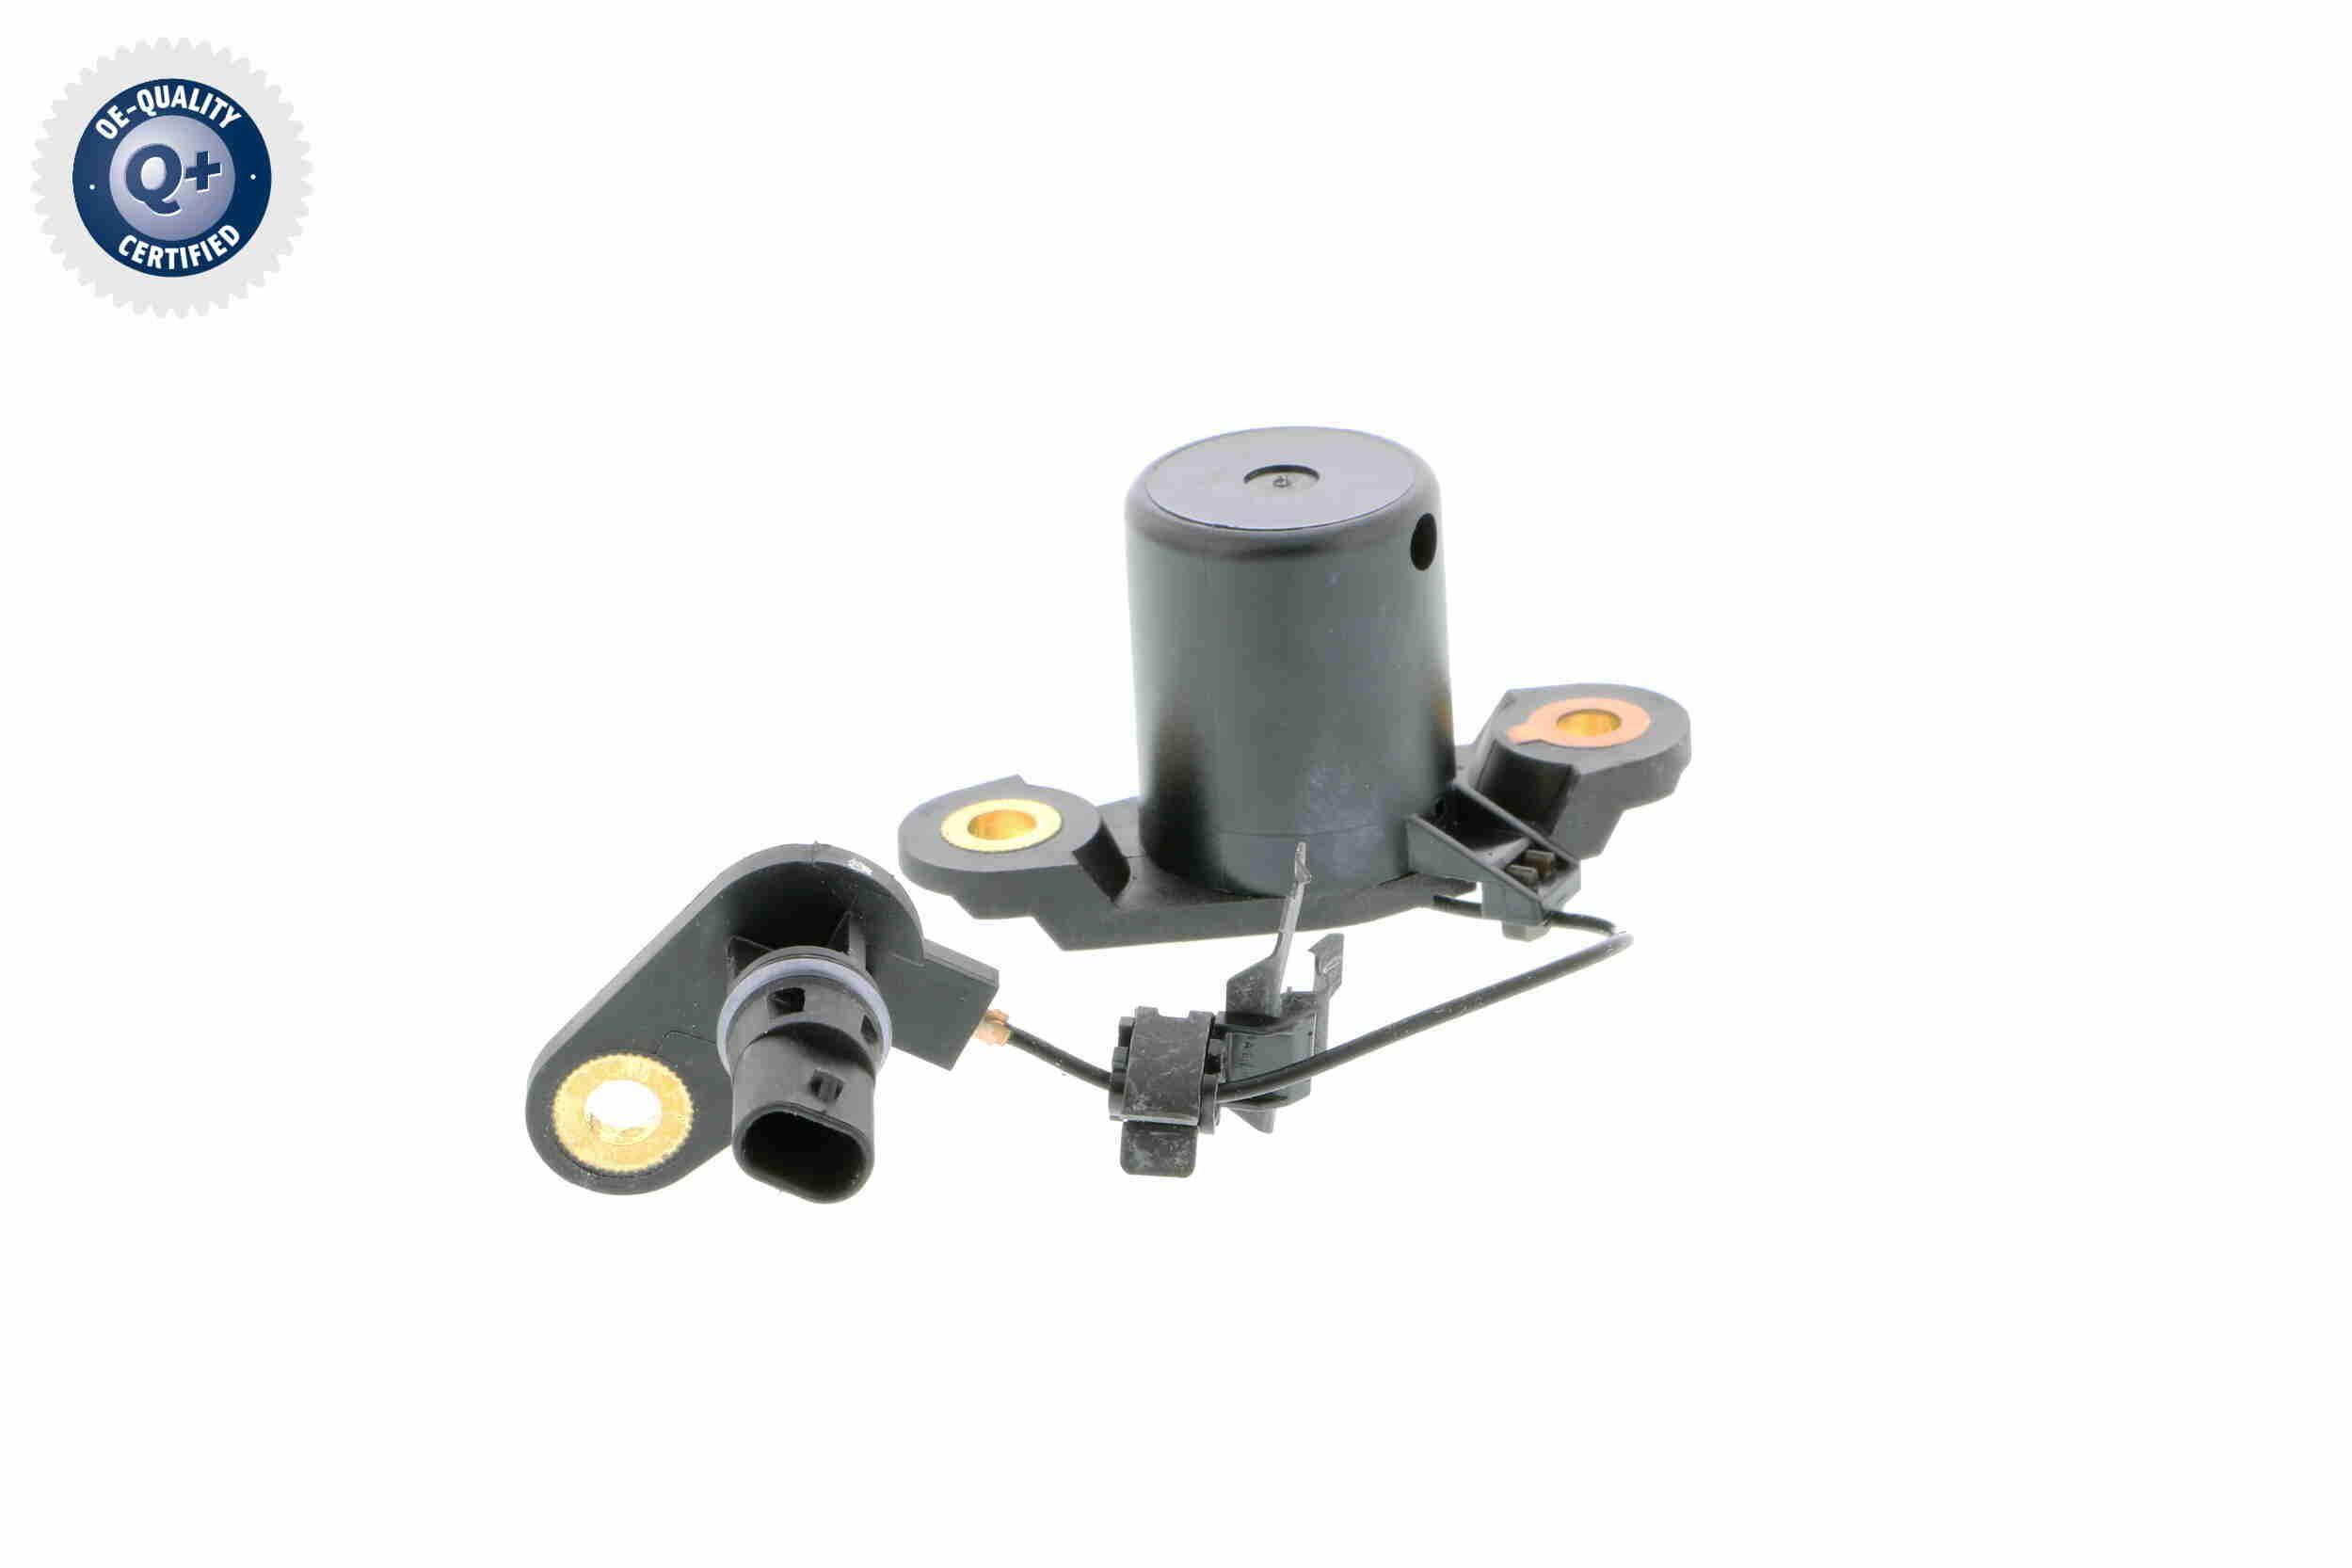 MERCEDES-BENZ C-Klasse 2017 Ölstandsensor - Original VEMO V30-72-0184